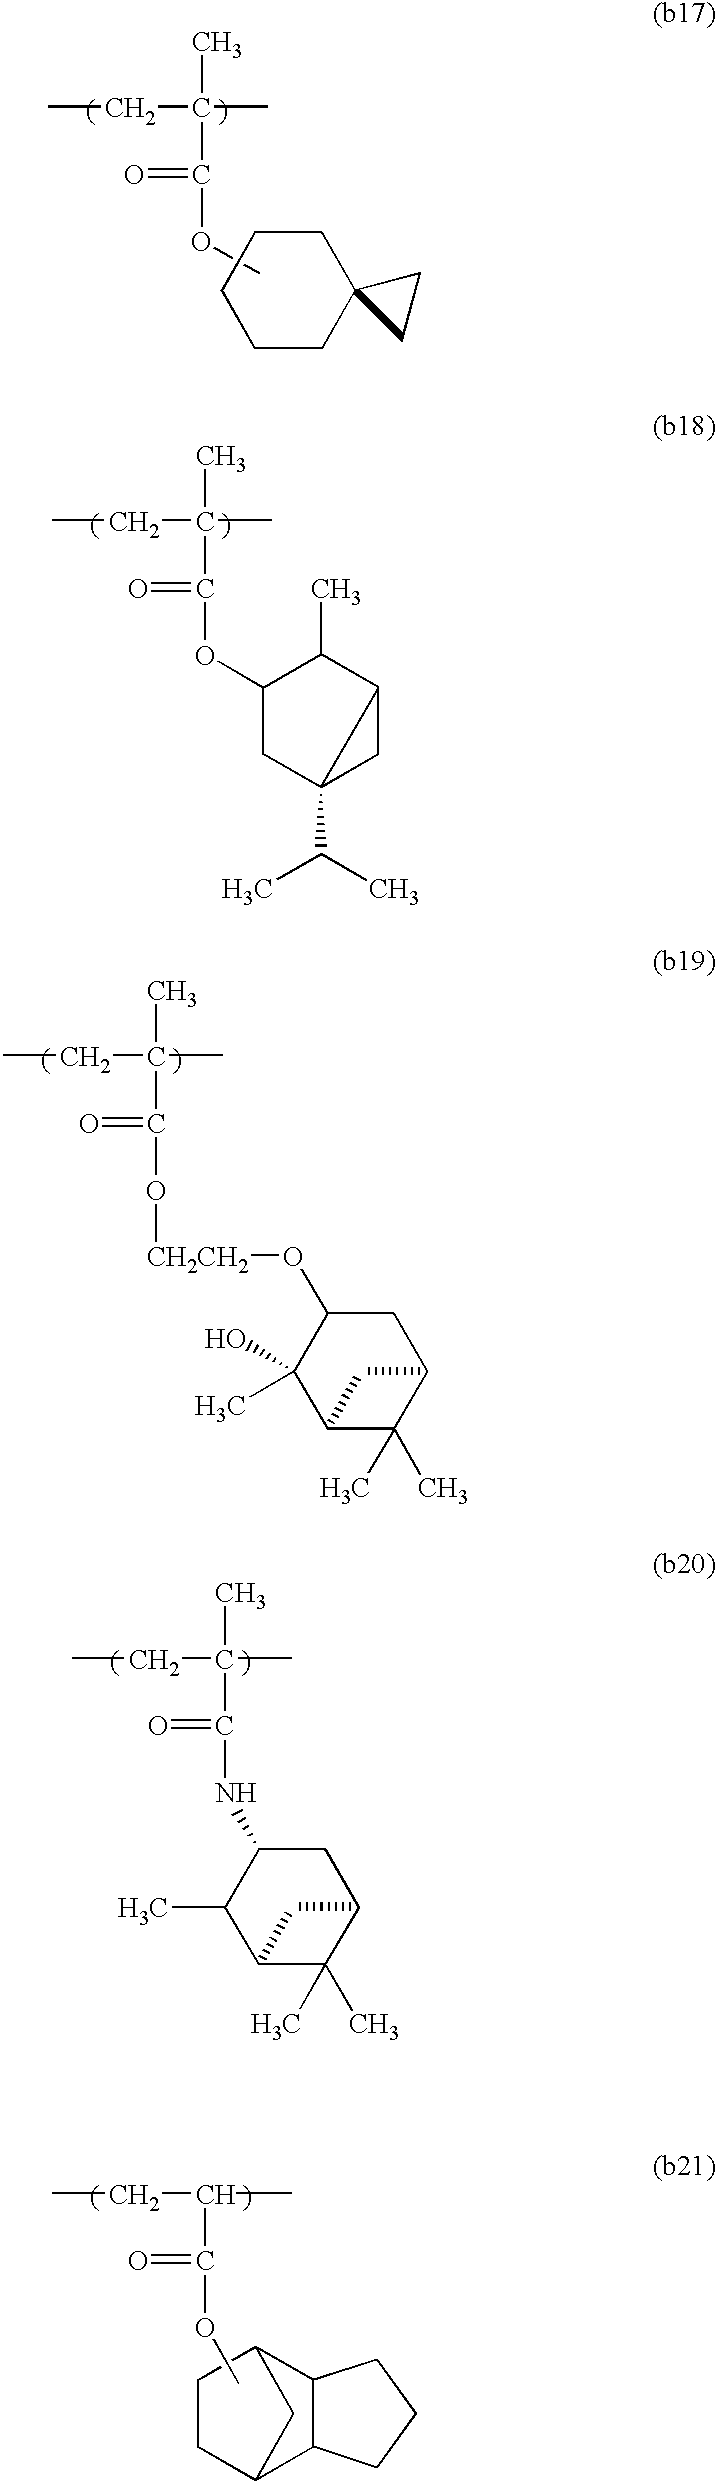 Figure US06492091-20021210-C00057